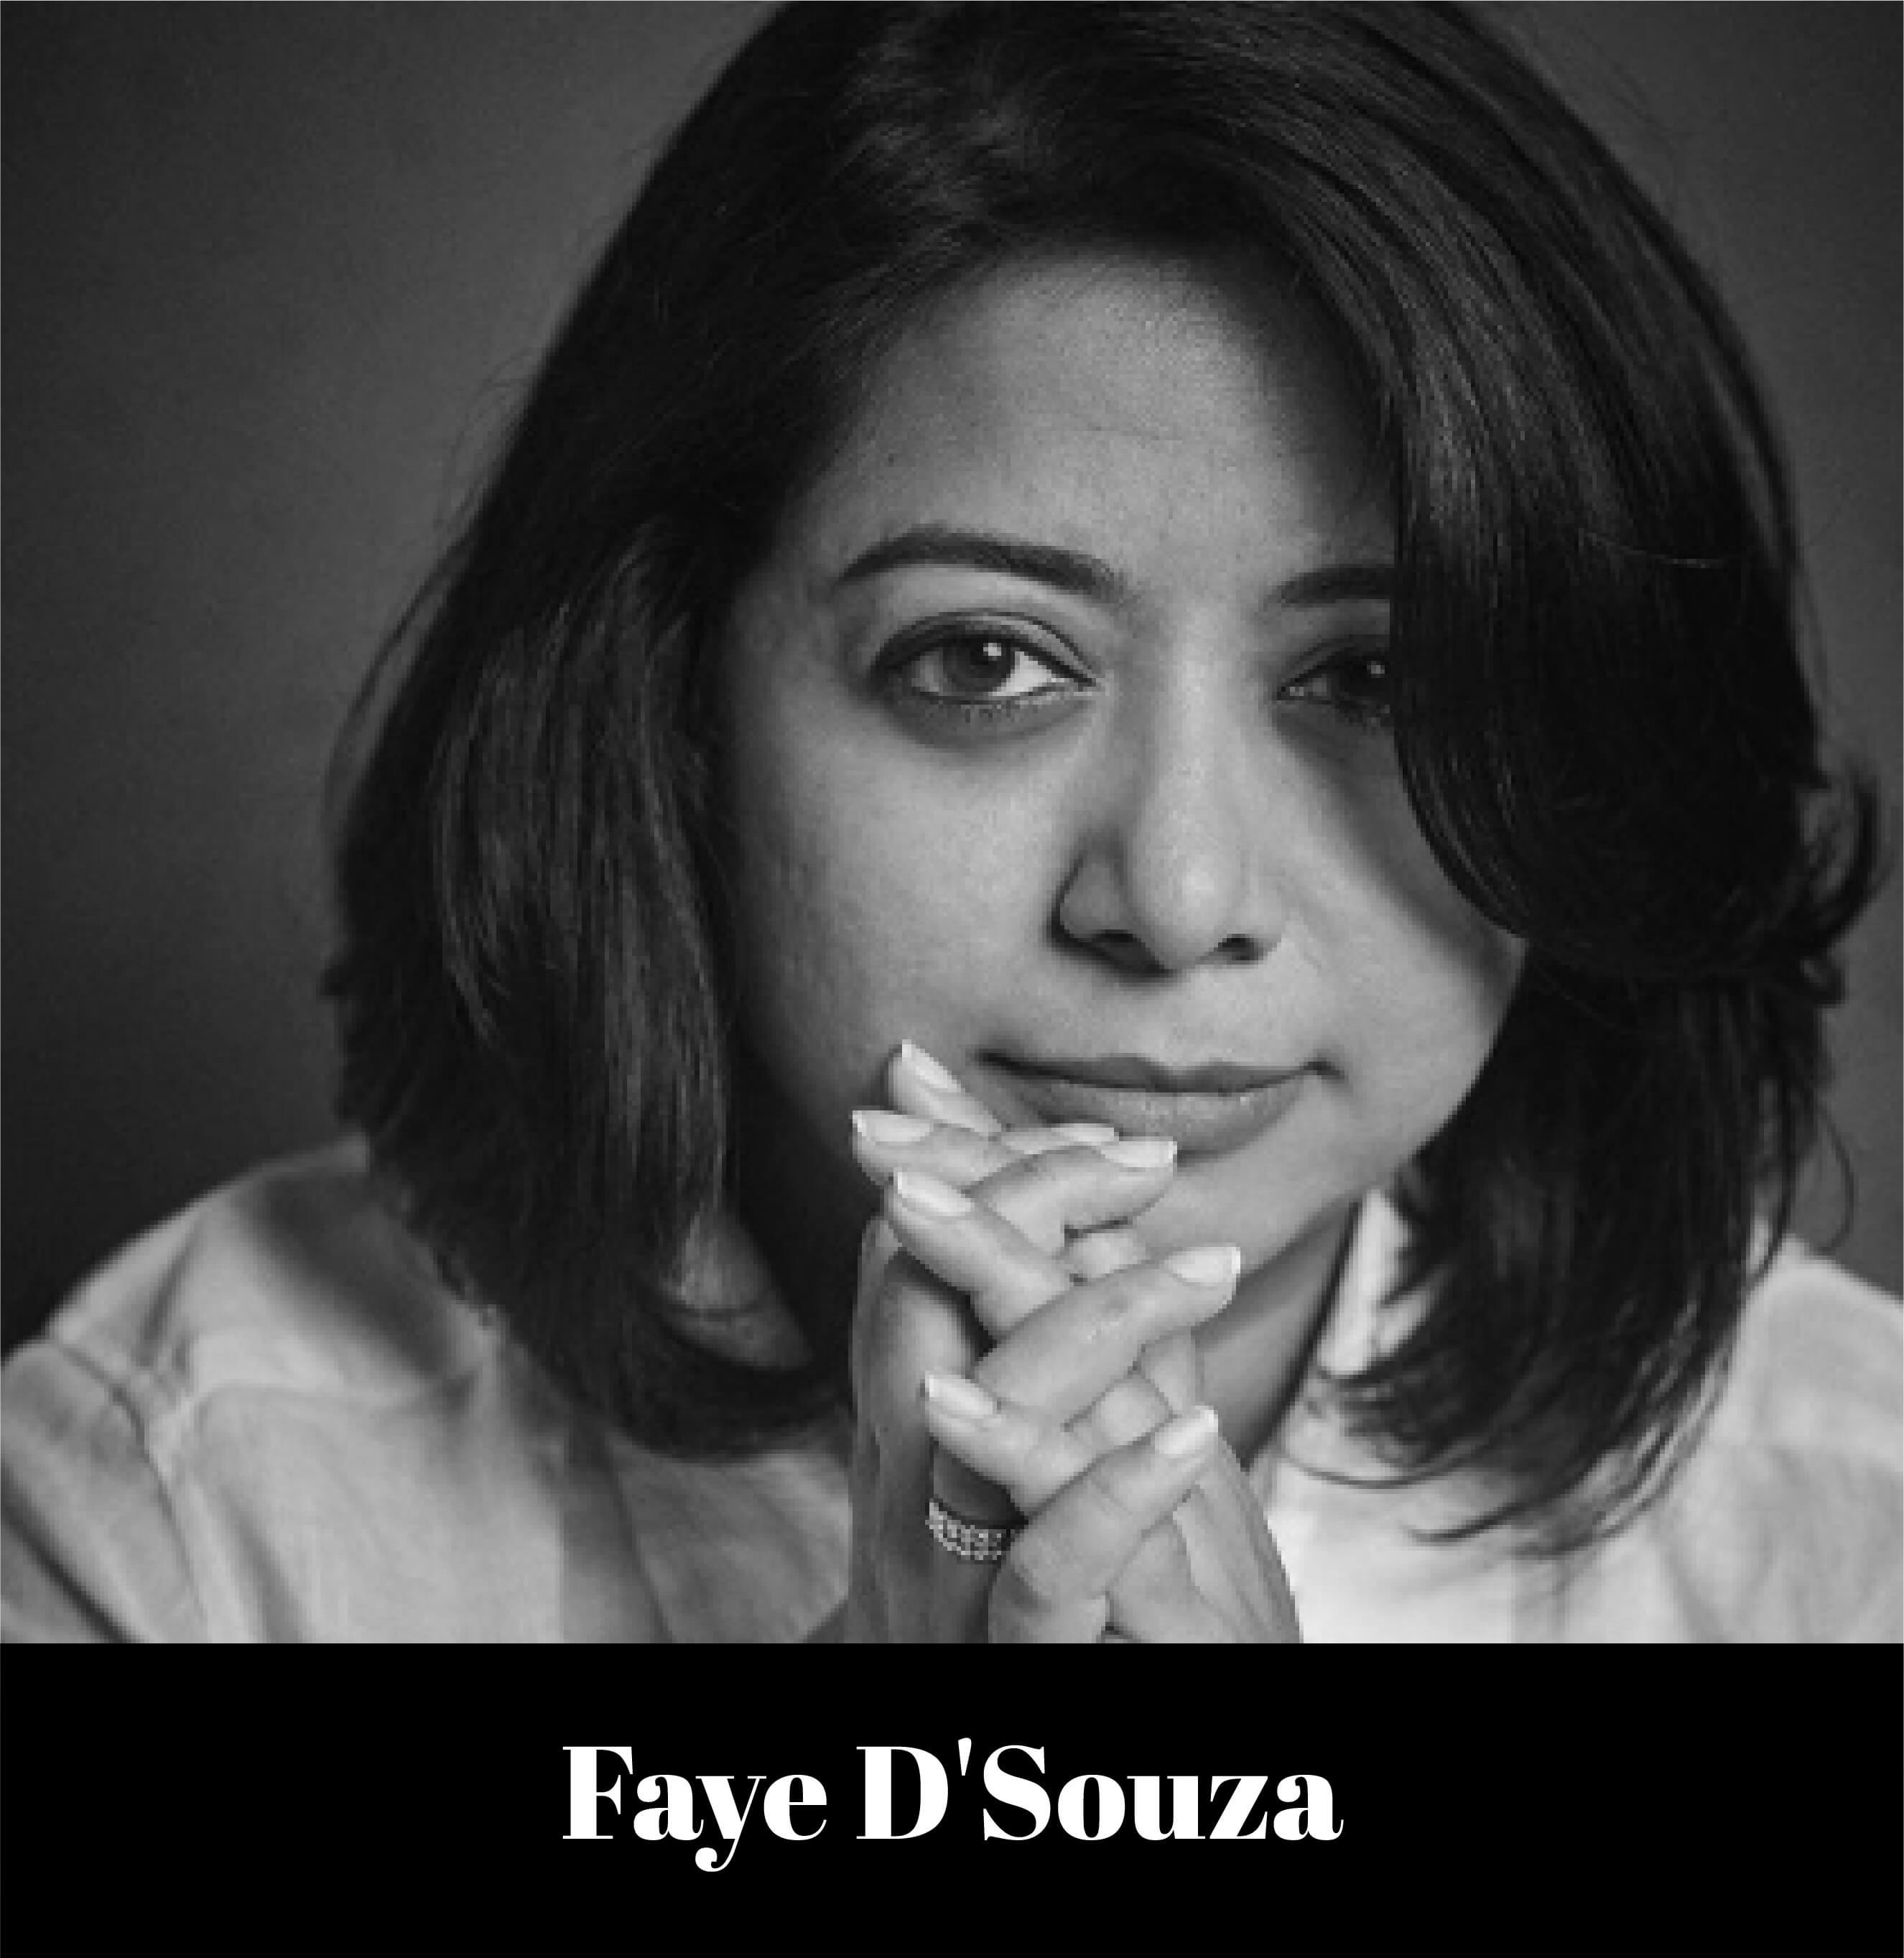 Faye-D-Souza_1.jpg